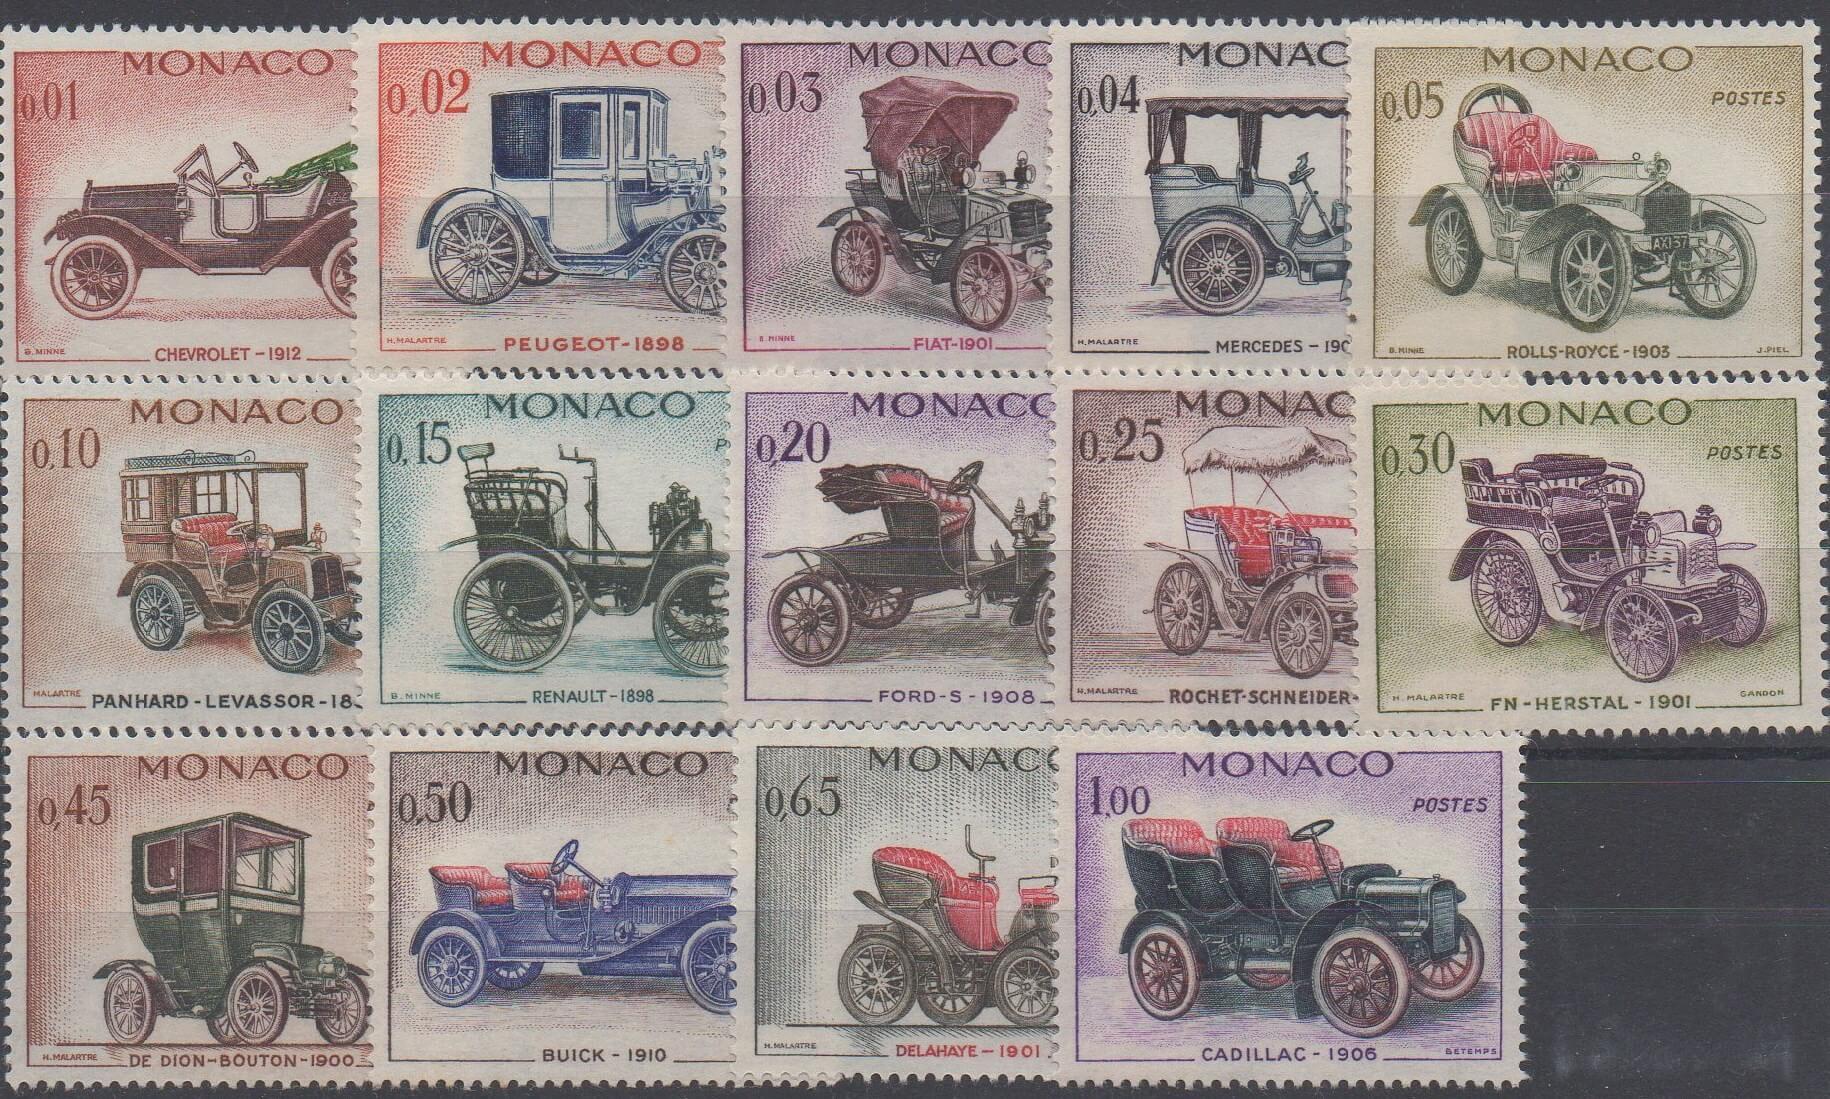 Timbres de Monaco ayant pour thème l'automobile de 1961 (No 557 à 576)